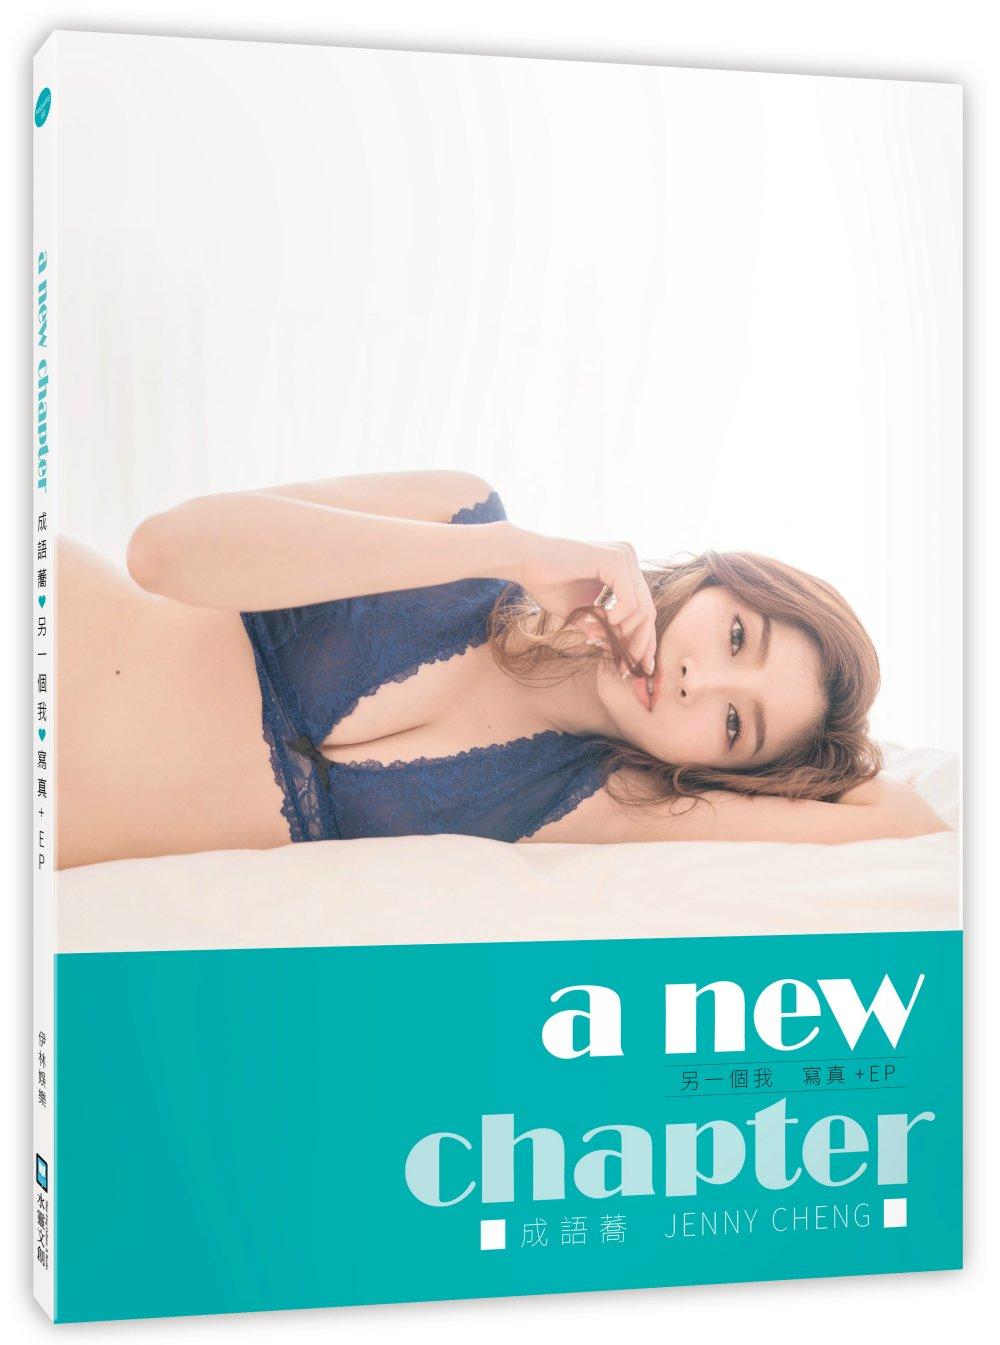 成語蕎《另一個我/a new chapter》寫真+EP / 親簽A款(首刷限量博客來獨家/藍洋裝立牌)